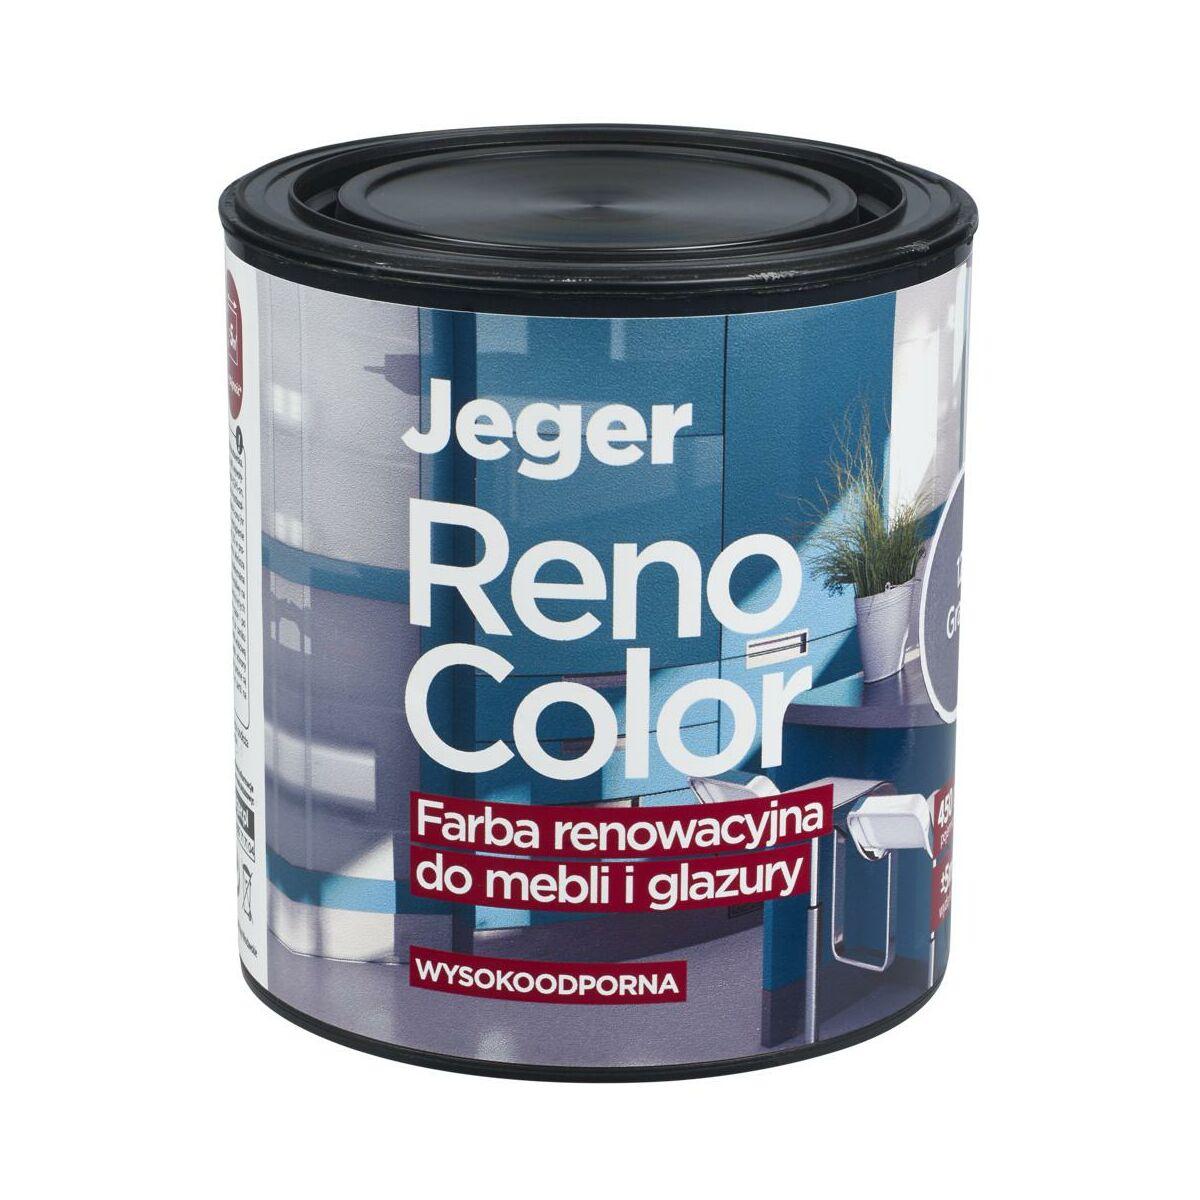 Farba Renowacyjna Reno Color Do Mebli I Glazury 0 45 L Grafit Wysokoodporna Jeger Farby Do Drewna I Mebli W Atrakcyjnej Cenie W Sklepach Leroy Merlin